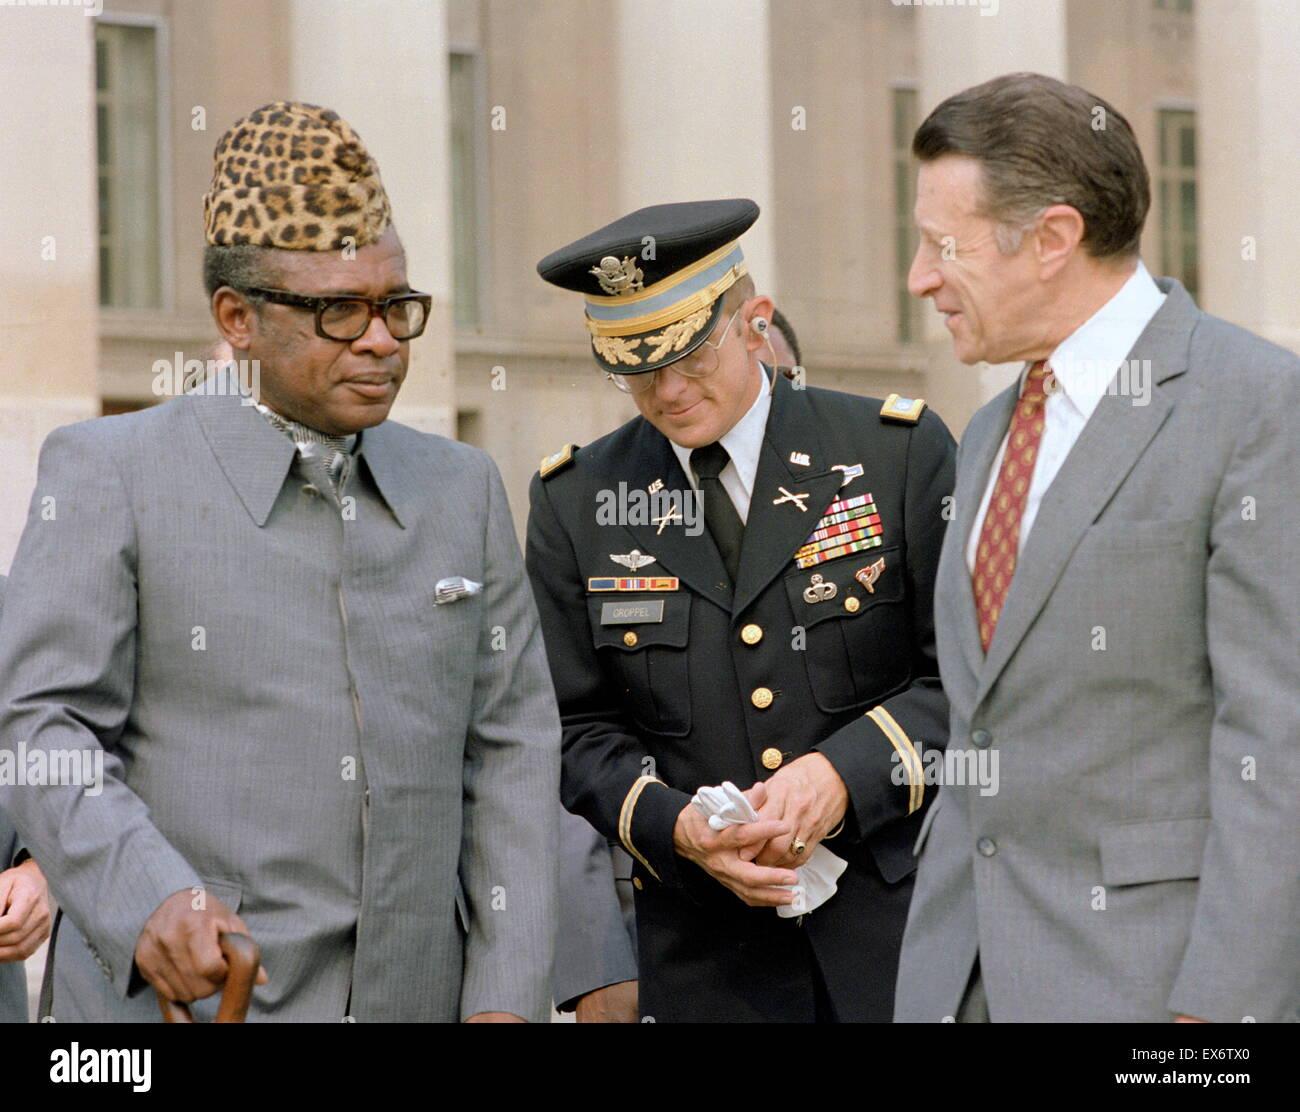 Le Président Mobutu du Zaïre visite le secrétaire à la Défense Caspar Weinberger 1983 Photo Stock